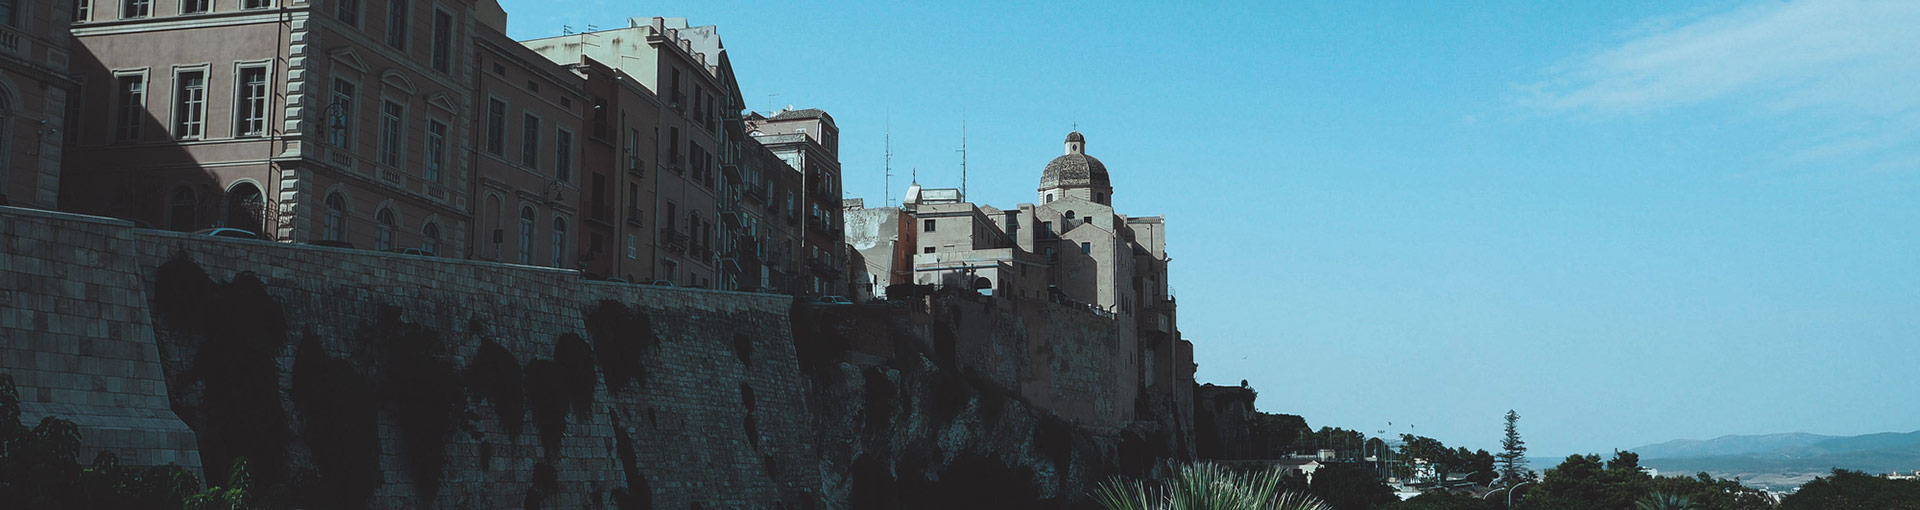 panoramica-castello